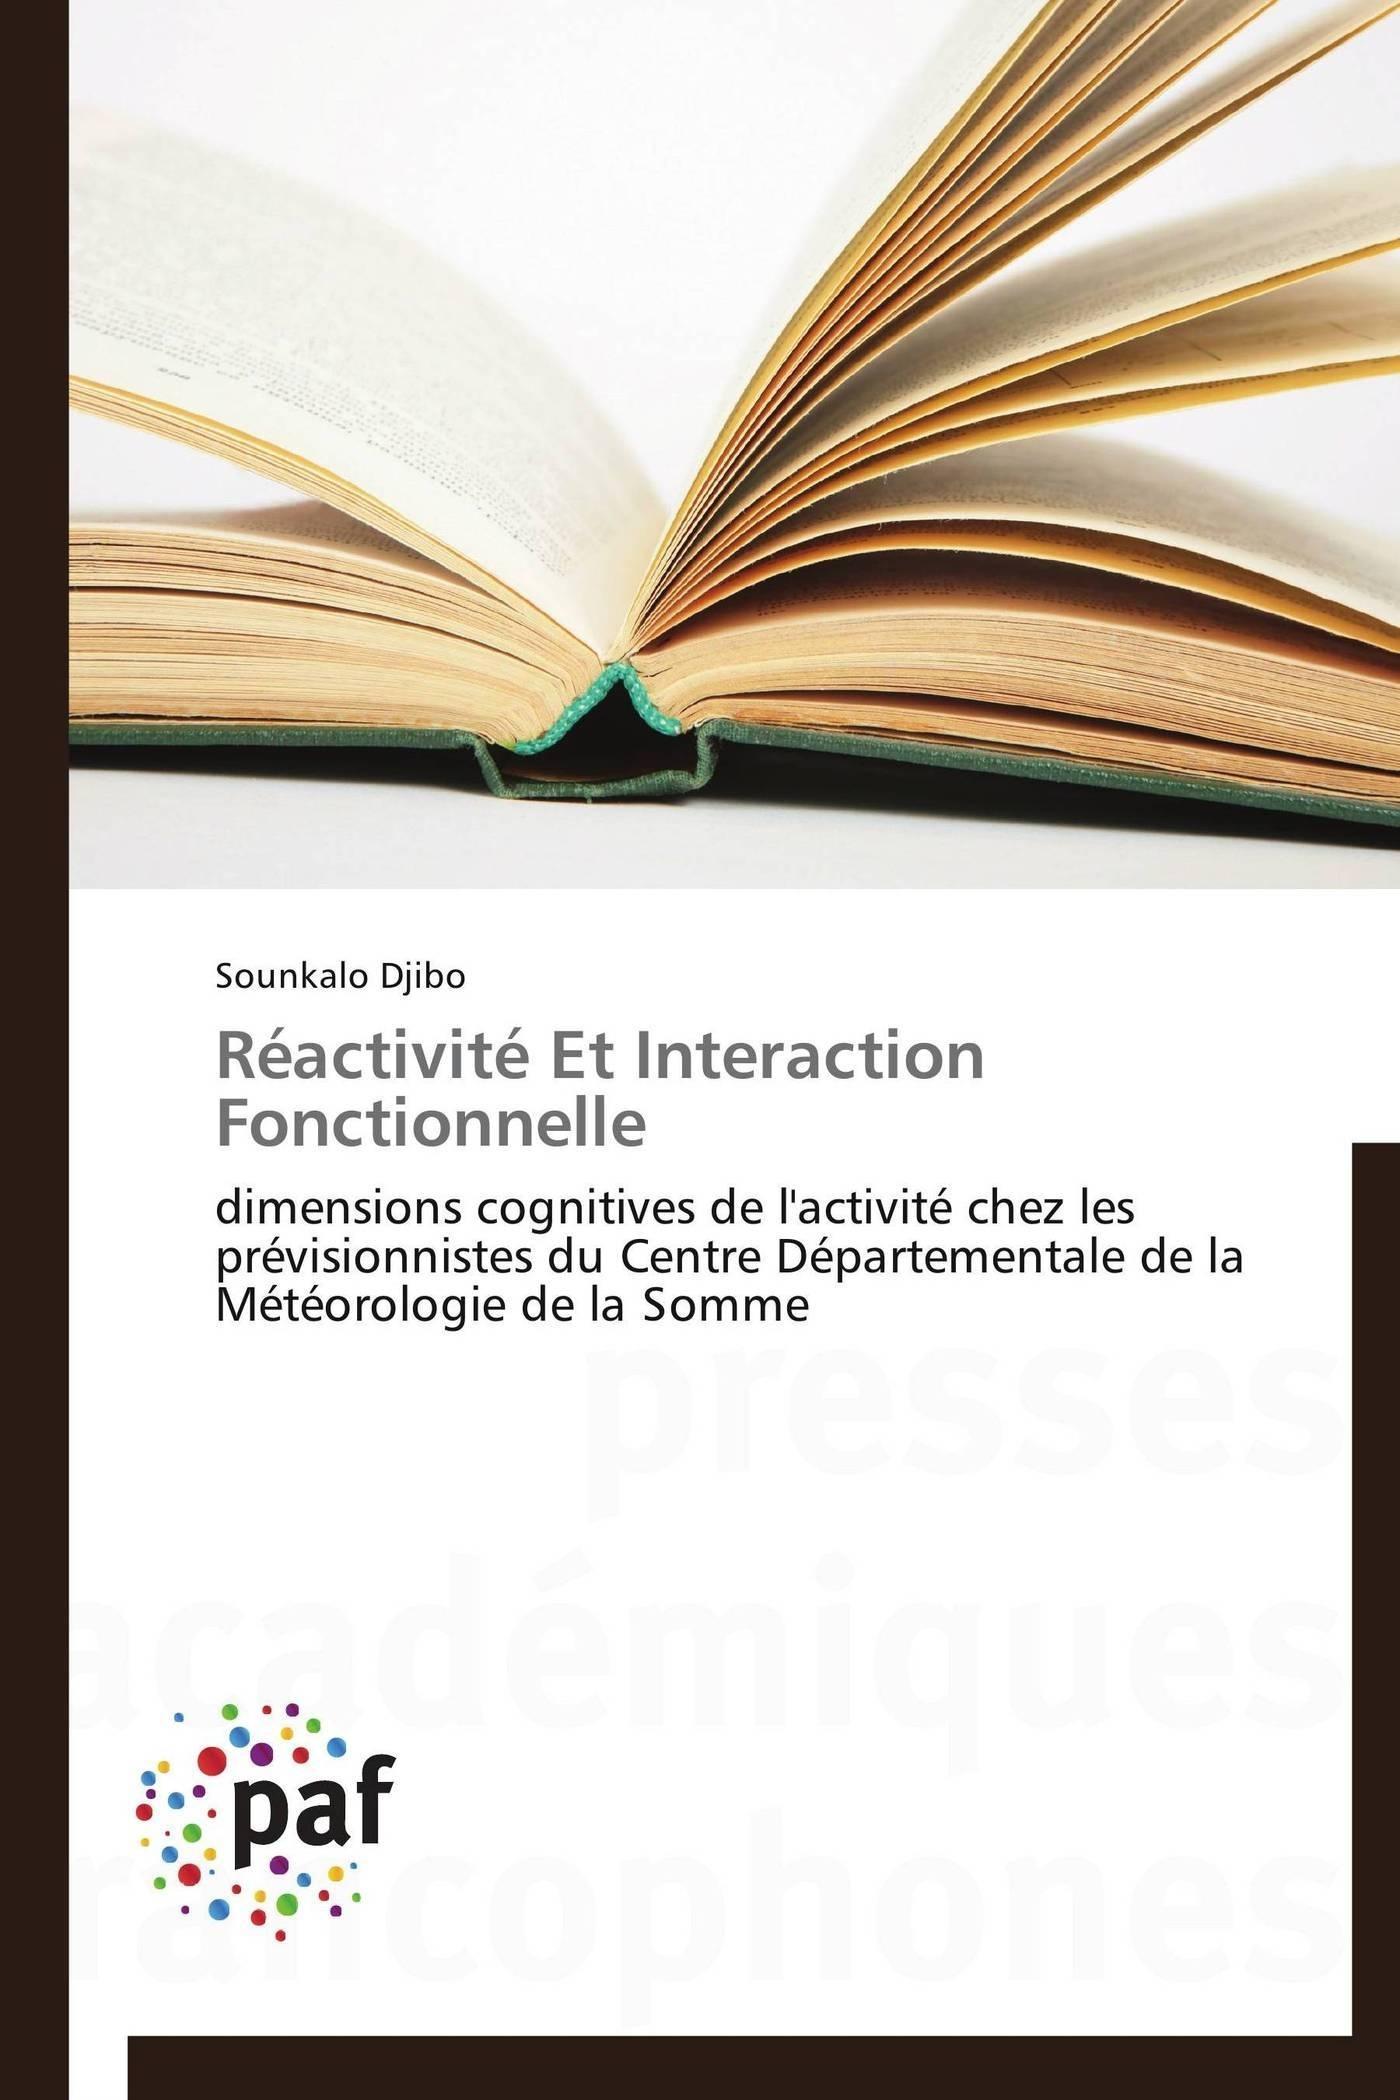 REACTIVITE ET INTERACTION FONCTIONNELLE